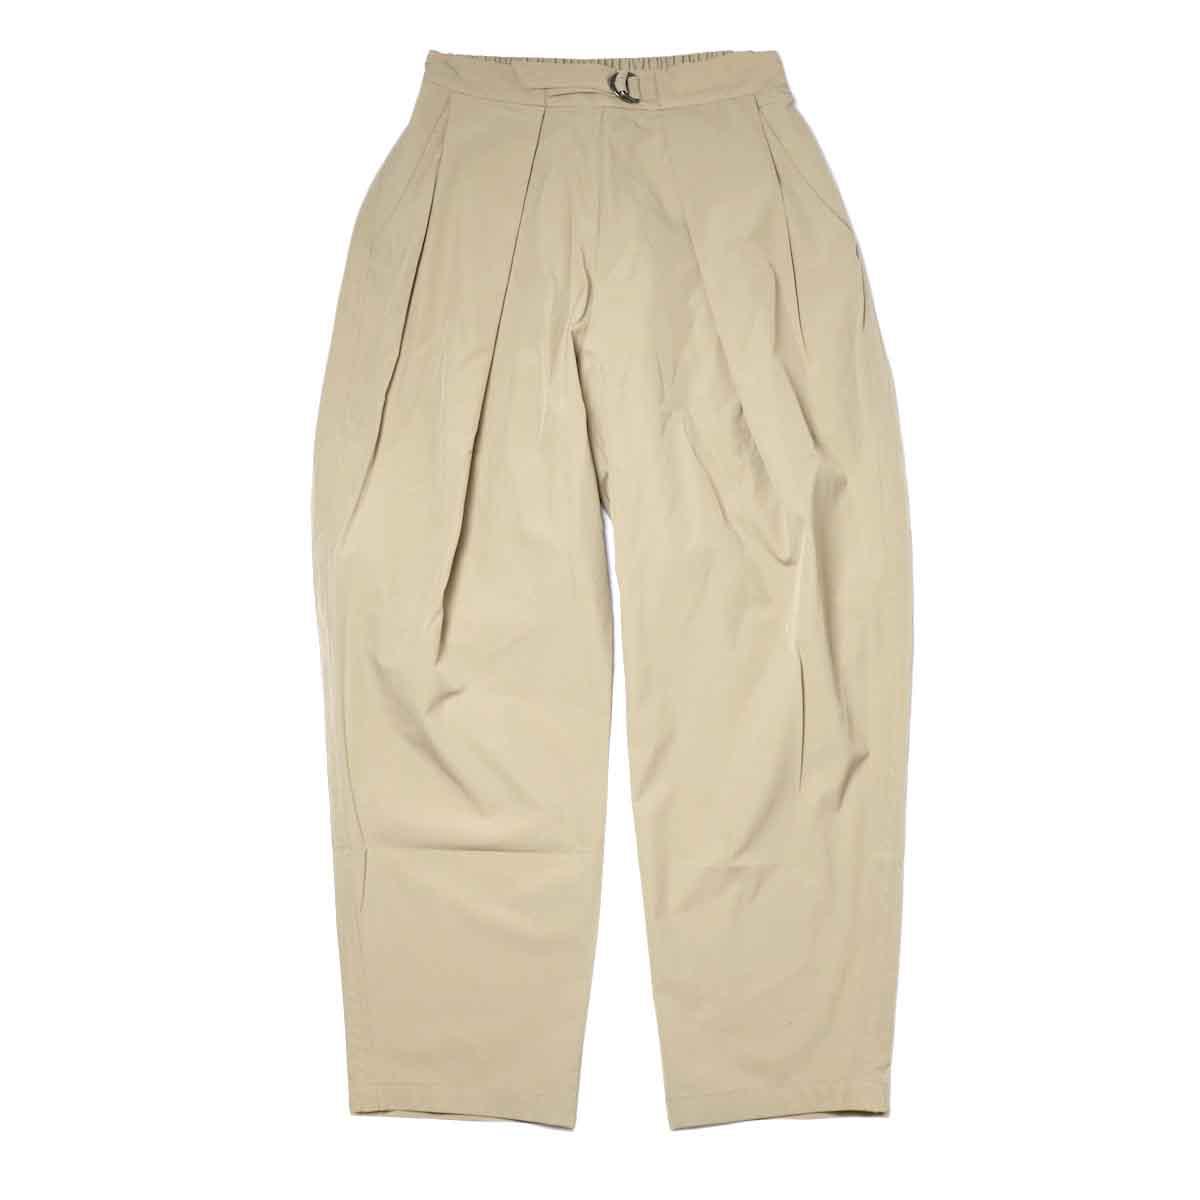 KHA:KI / SIDE WRAP BELTED PANTS (Beige) 正面